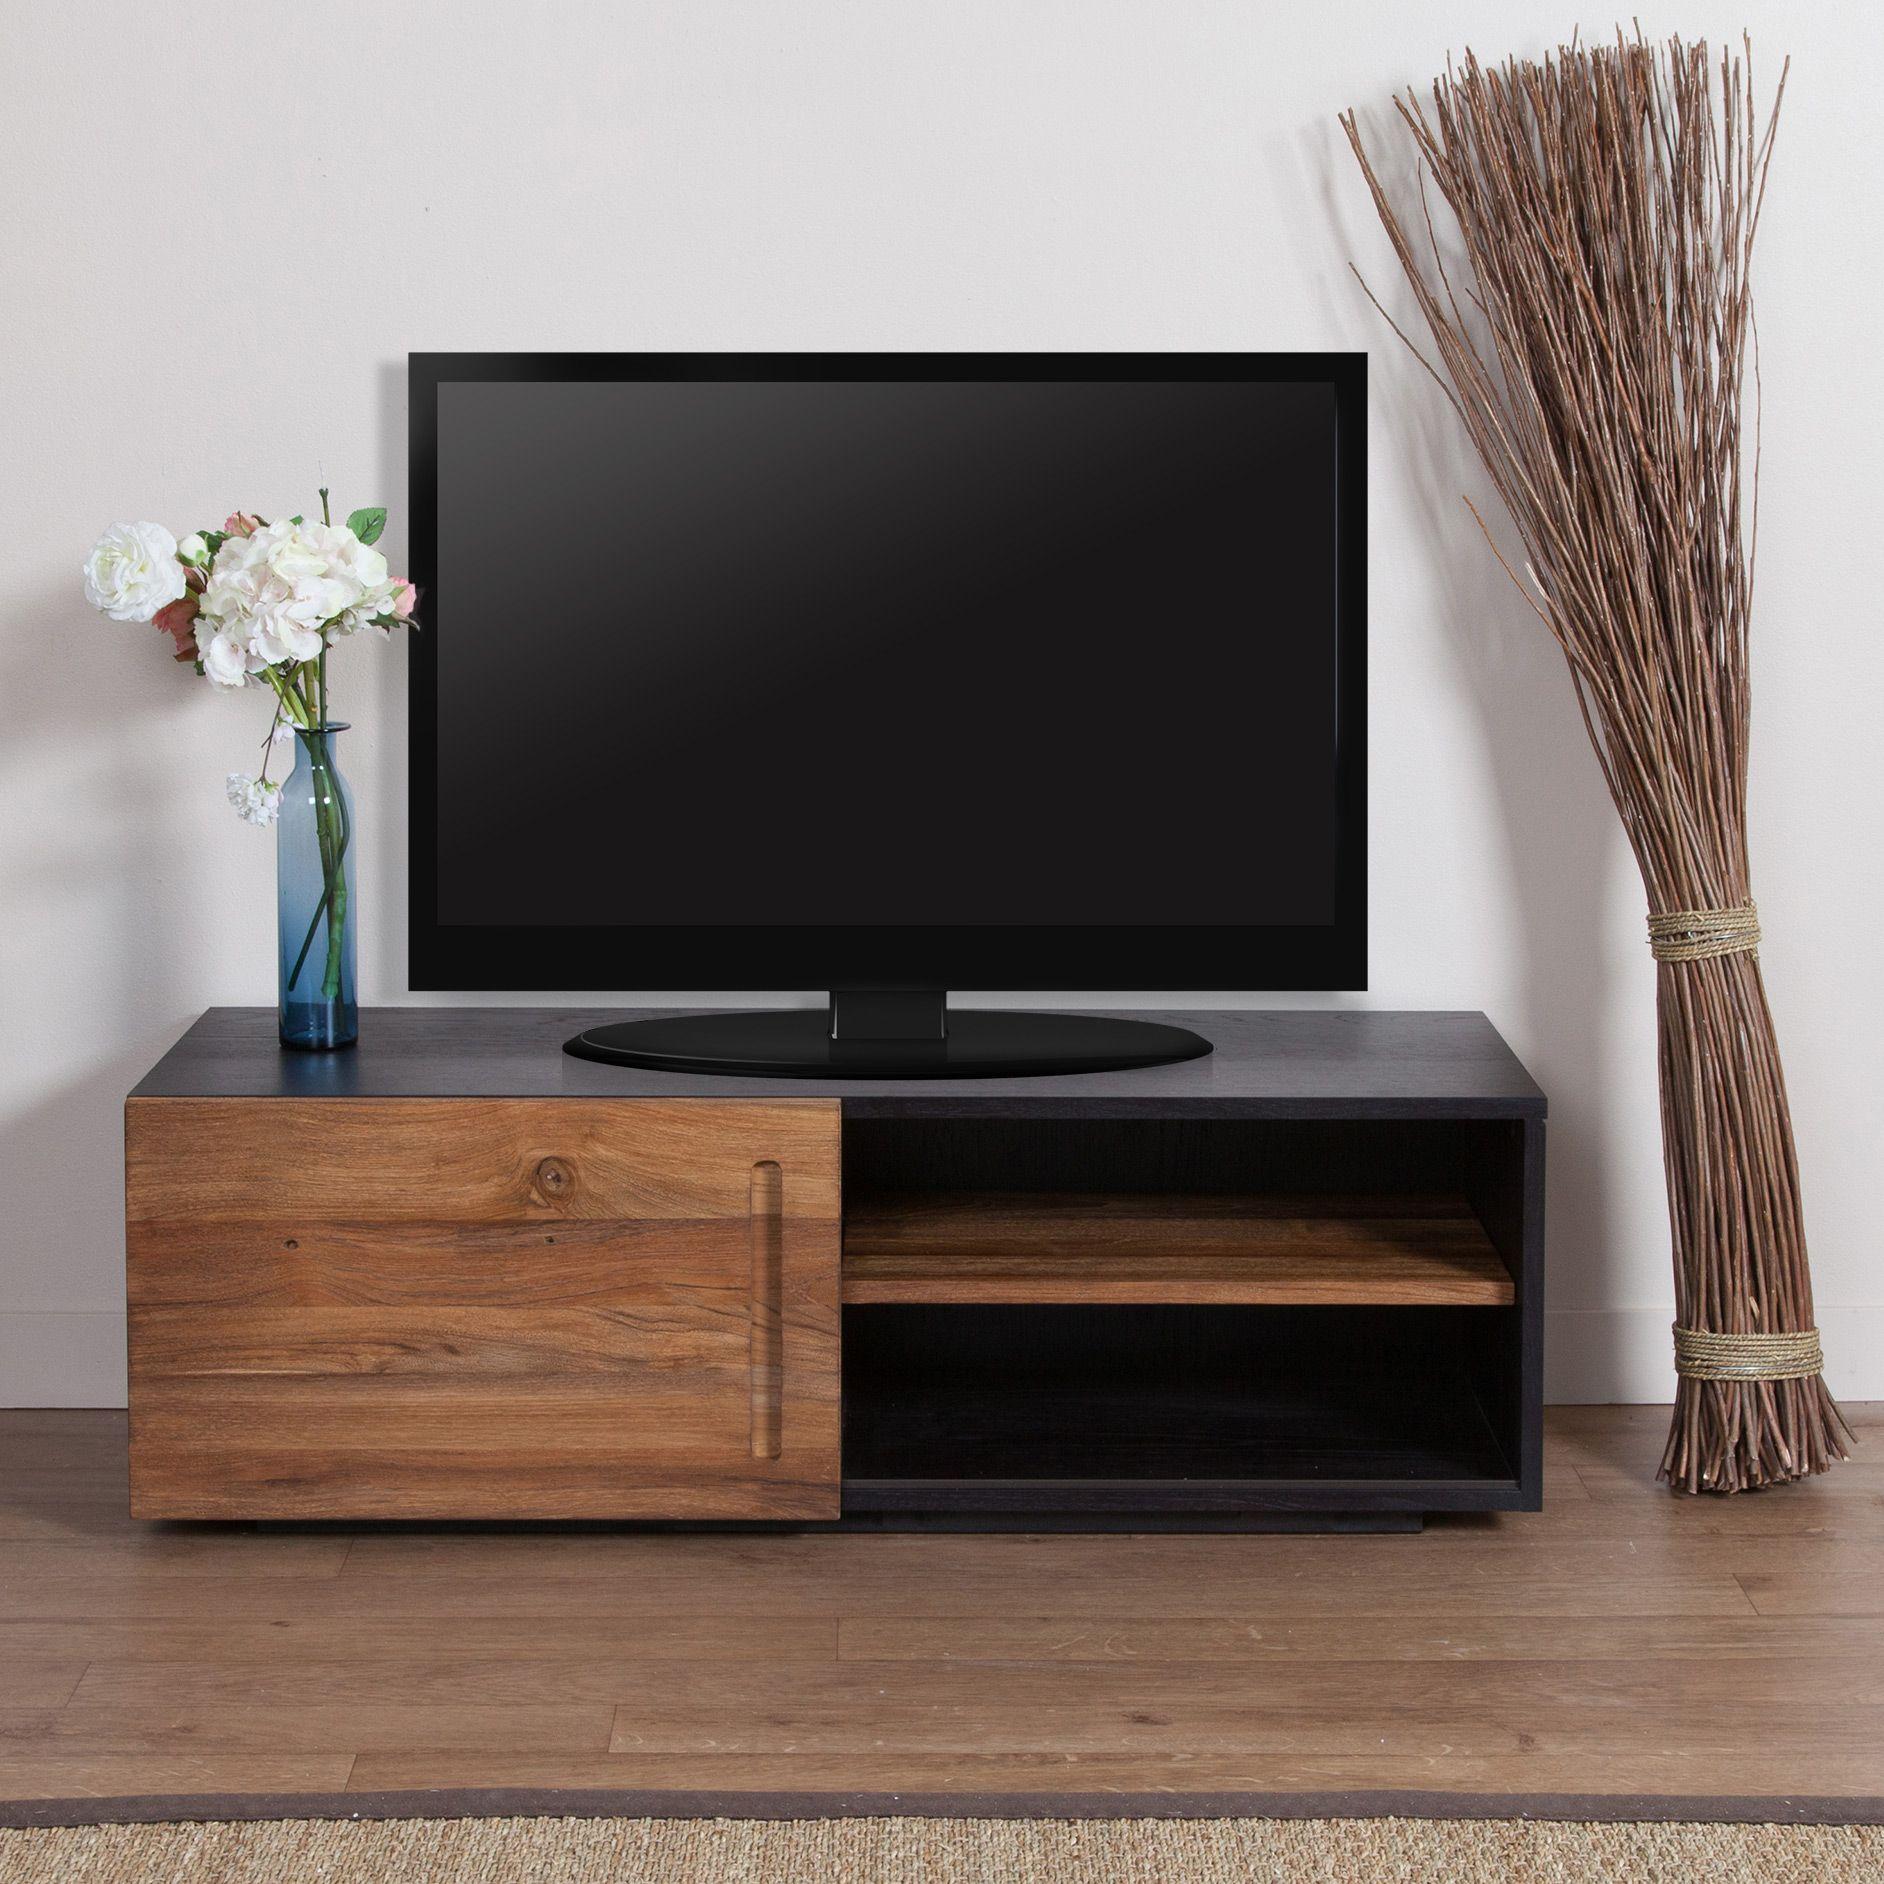 Meuble Tv Bas En Teck 1 Porte Coulissante L120xp42xh39 Cm Sotra  # Meuble Tv Blanc Mat Porte Coulissante